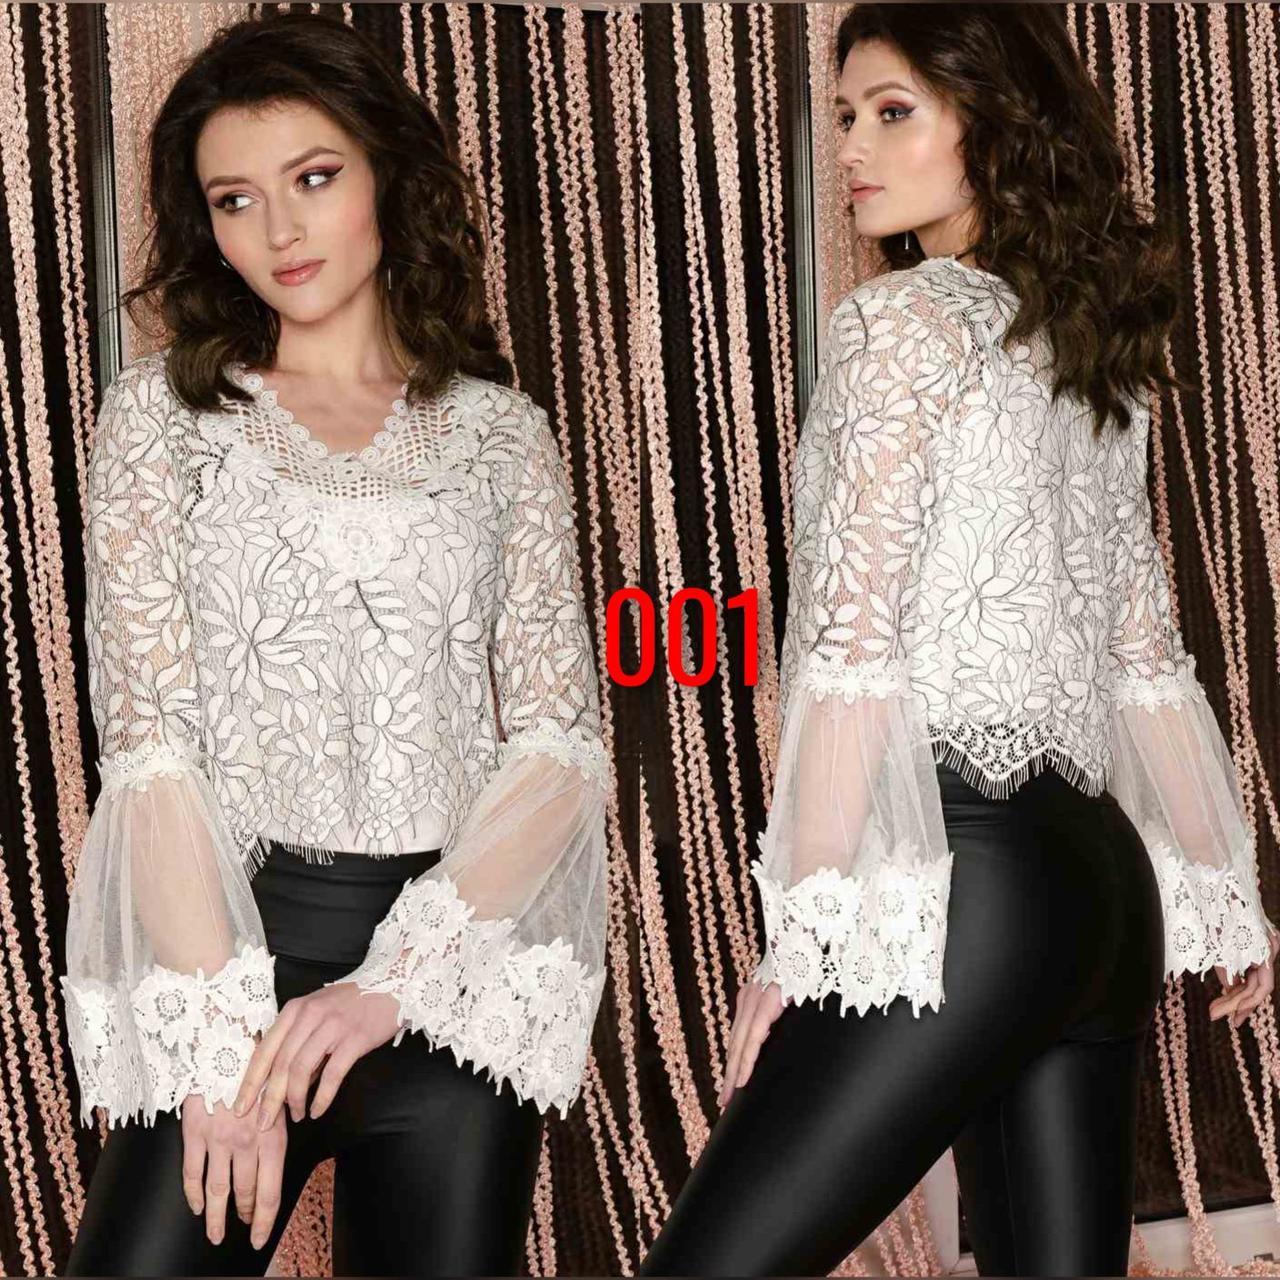 Нарядная блузка с сеточкой на манжетах 42-44 (в расцветках)